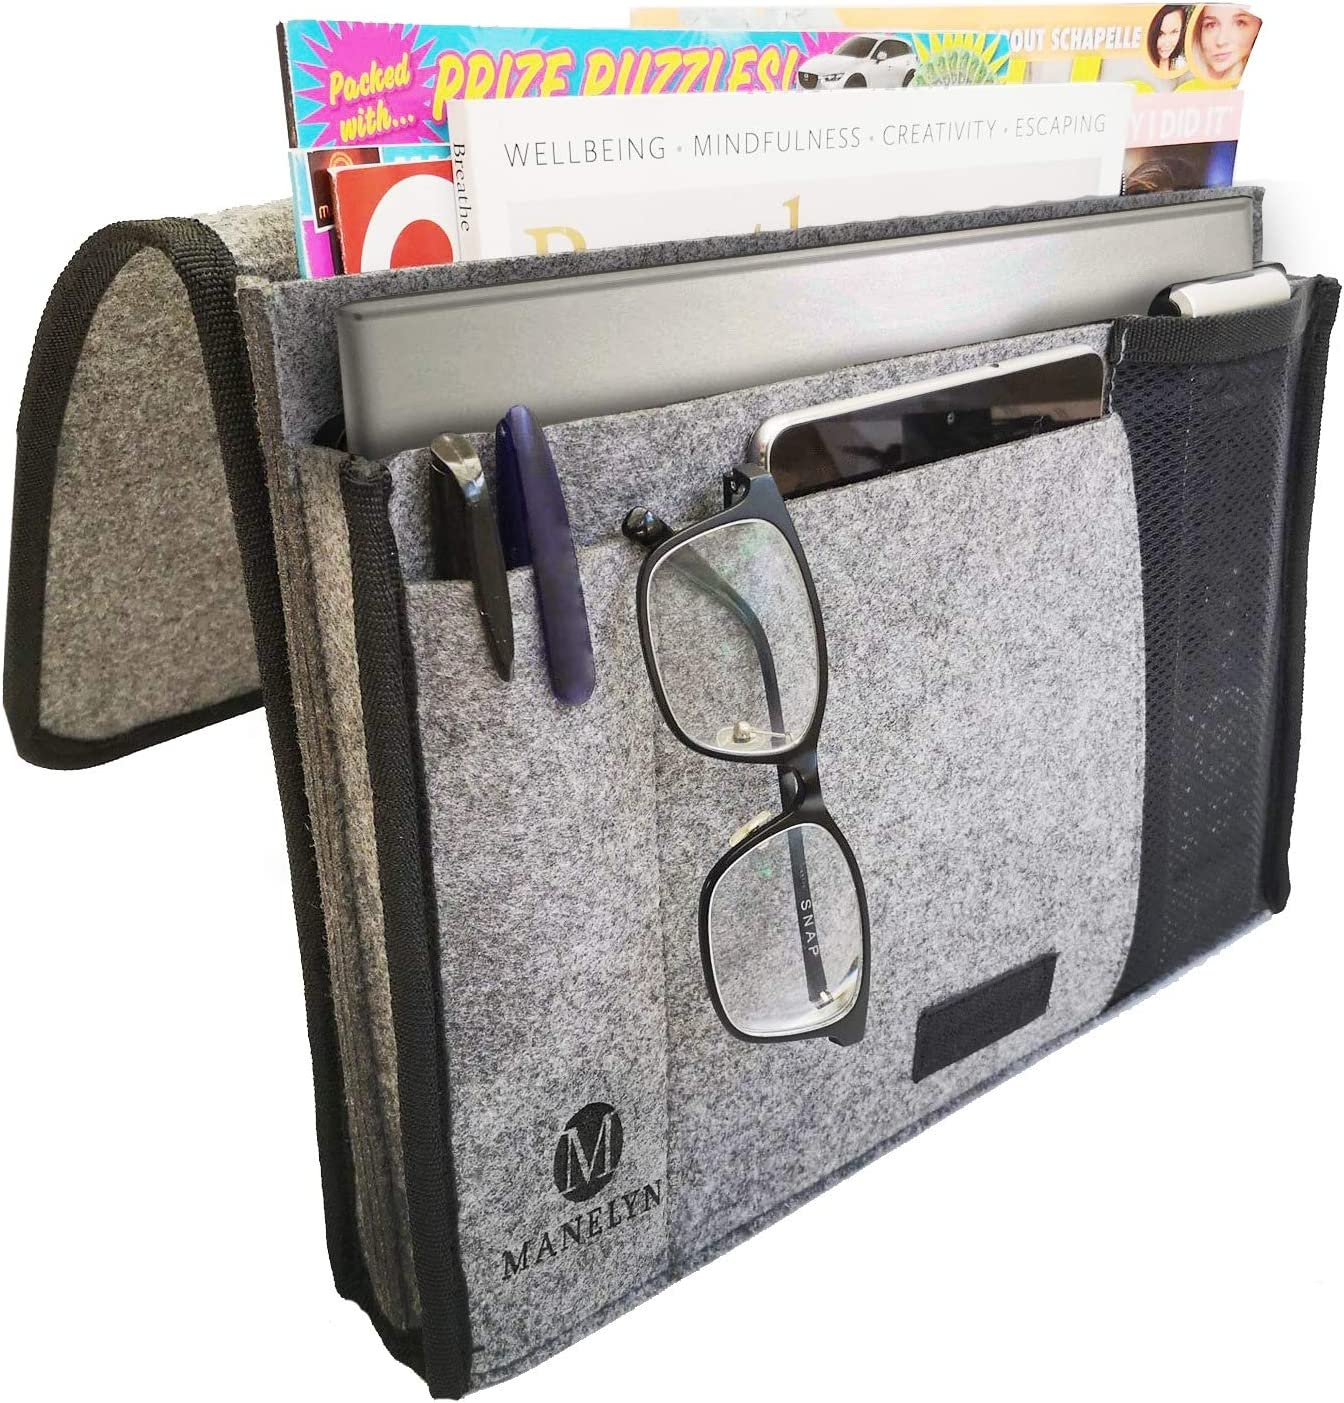 Manelyn Bedside Caddy - 5 Pocket Bedside Storage Organizer and Remote Control Holder Locks Securely for Bed, Sofa, Bunk Bed, Stores Laptop, Magazine, Phone, Tablet